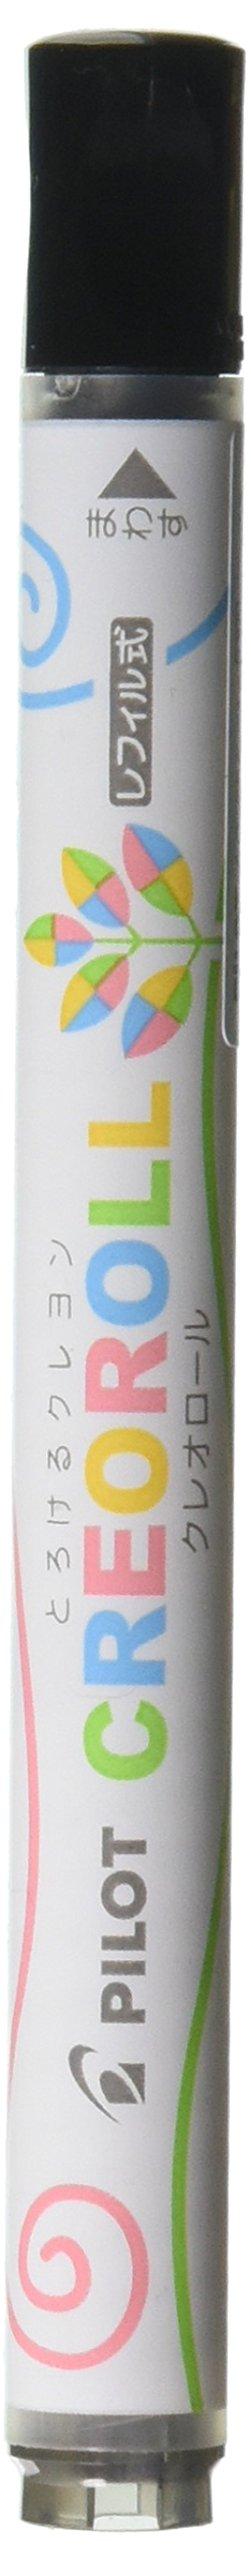 Pilot Gel Type Crayon Creoroll, Black (AO-CR6-C16)